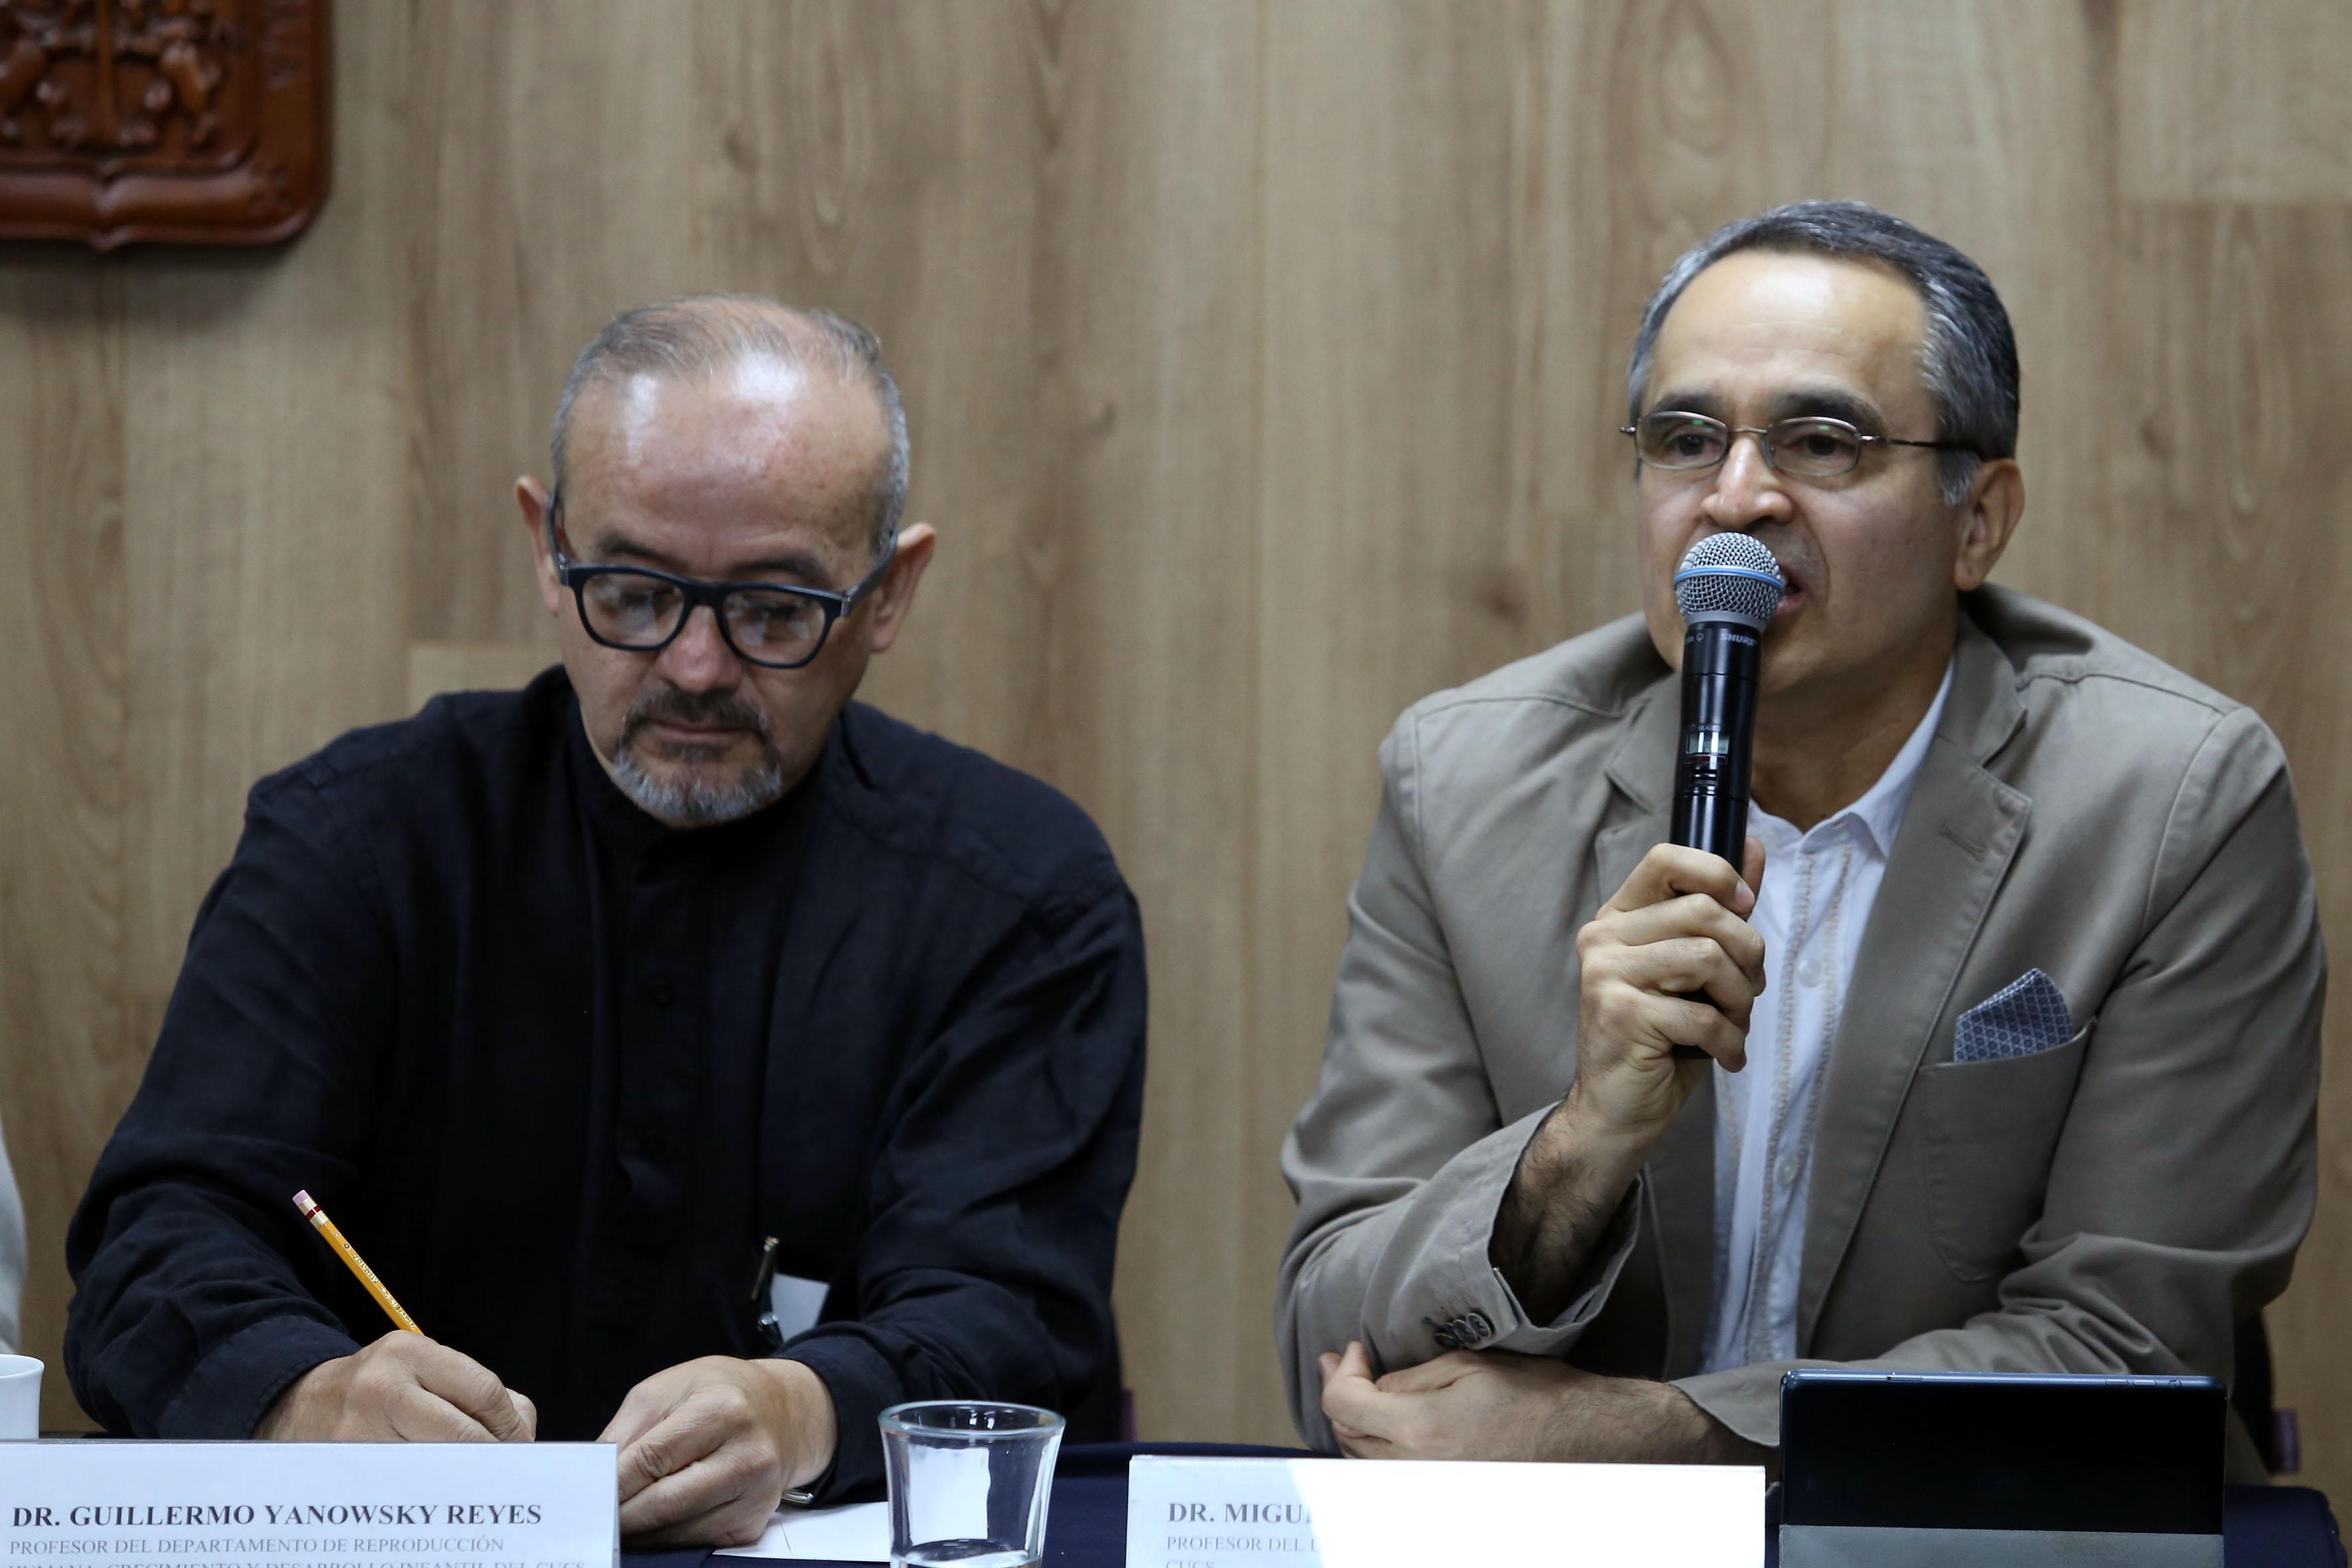 Dr. Miguel Ángel Buenrostro al micrófono en rueda de prensa, a su lado Dr. Guillermo Yanowky